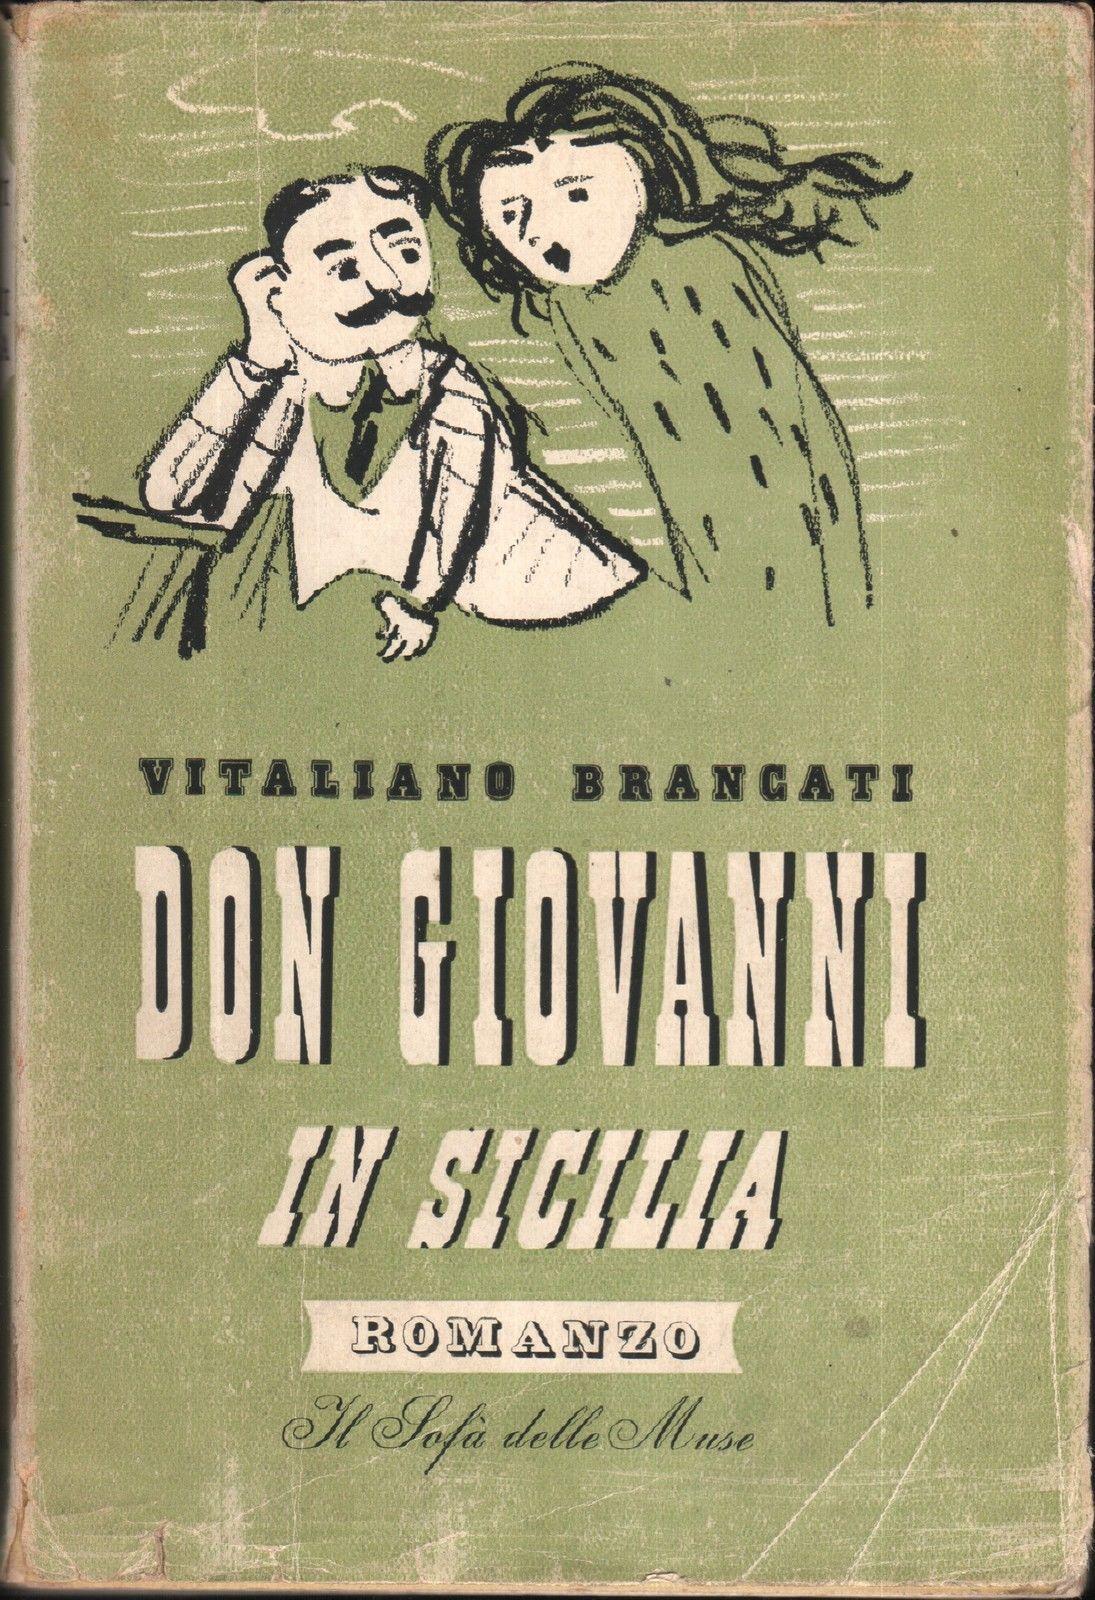 Don Giovanni in Sicilia di Vitaliano Brancati – Prima edizione